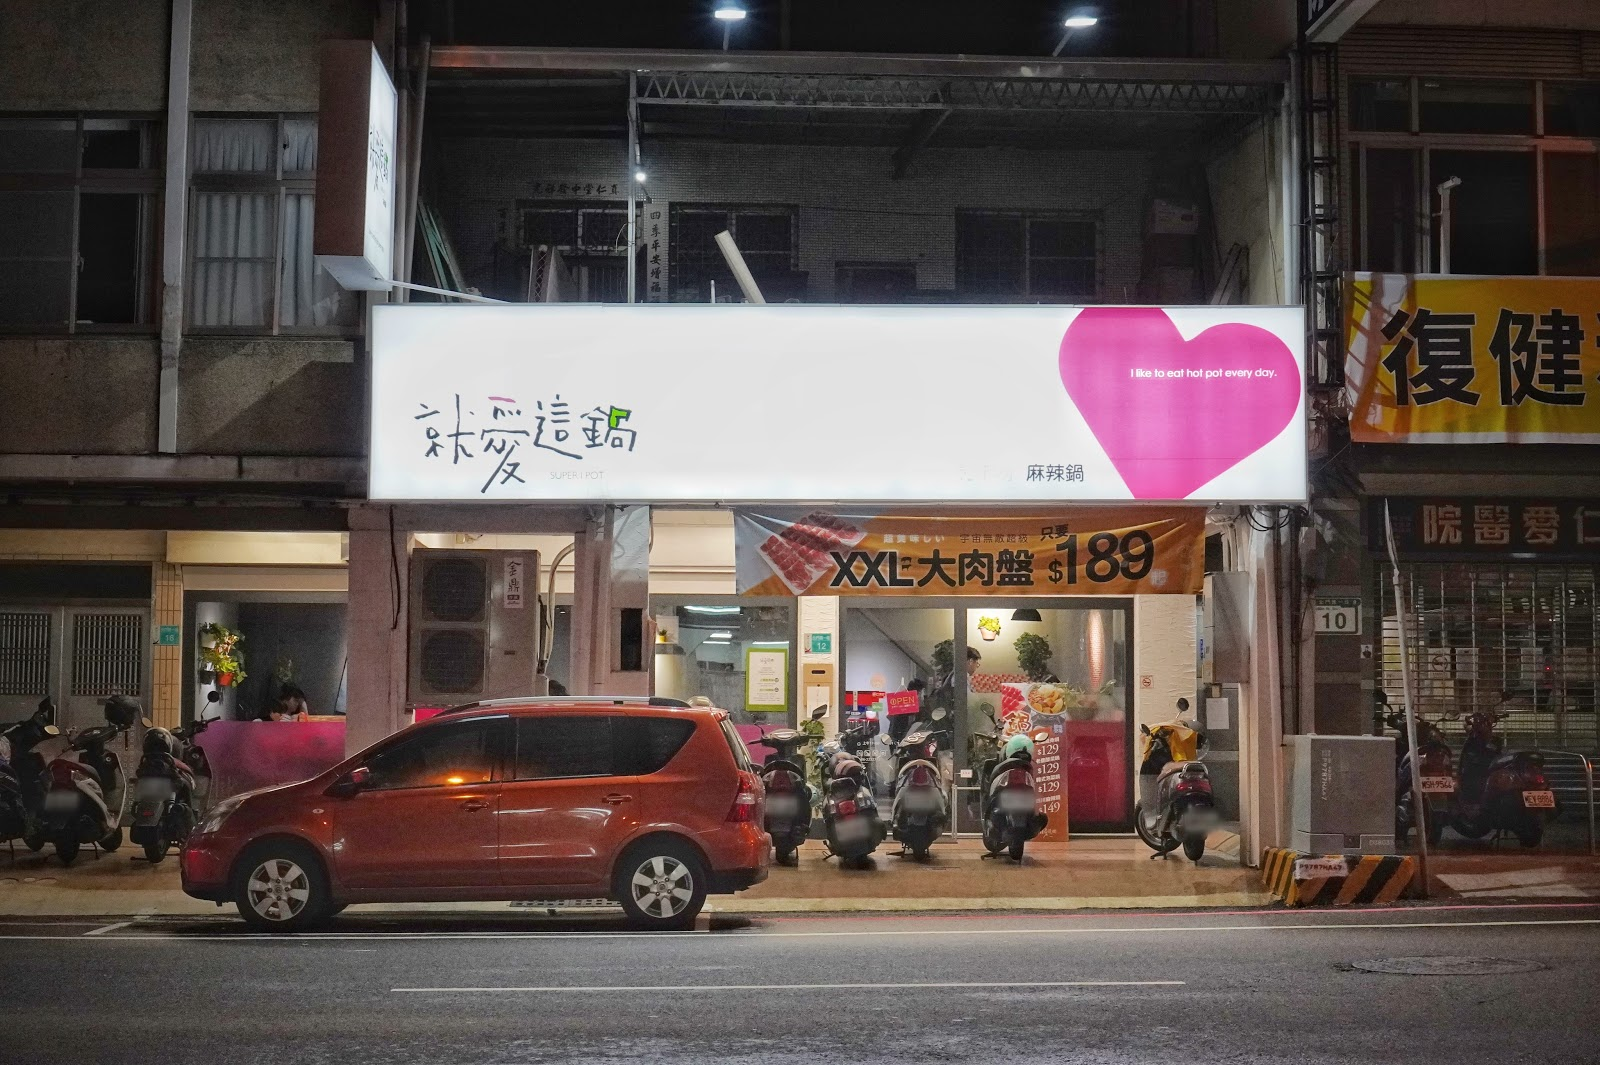 台南東區美食【就愛這鍋 麻辣鍋】環境介紹